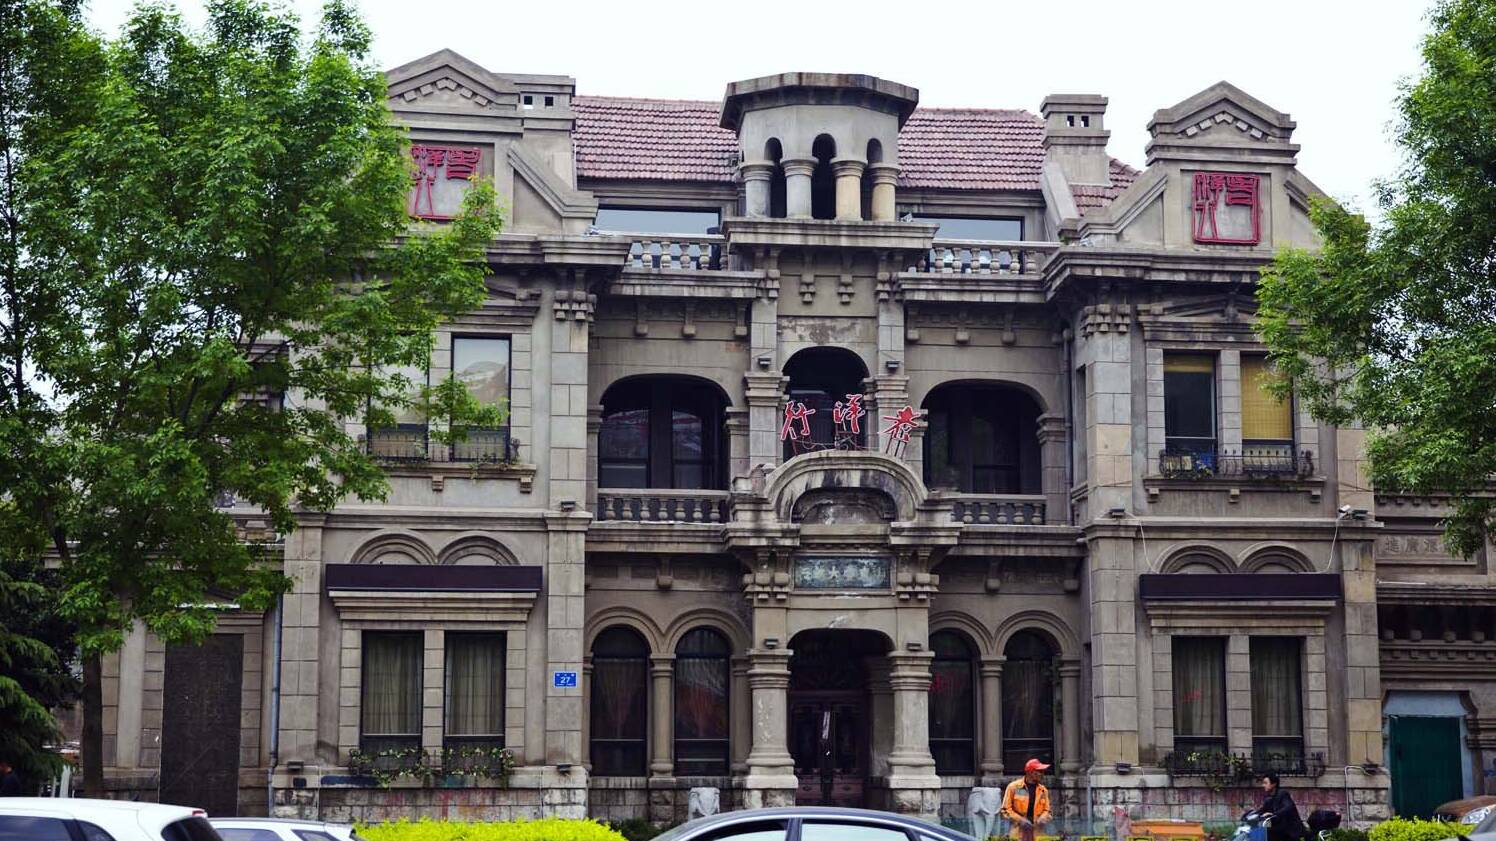 老洋行变民宿、宏济堂建博物馆……济南老建筑的活化利用你了解多少